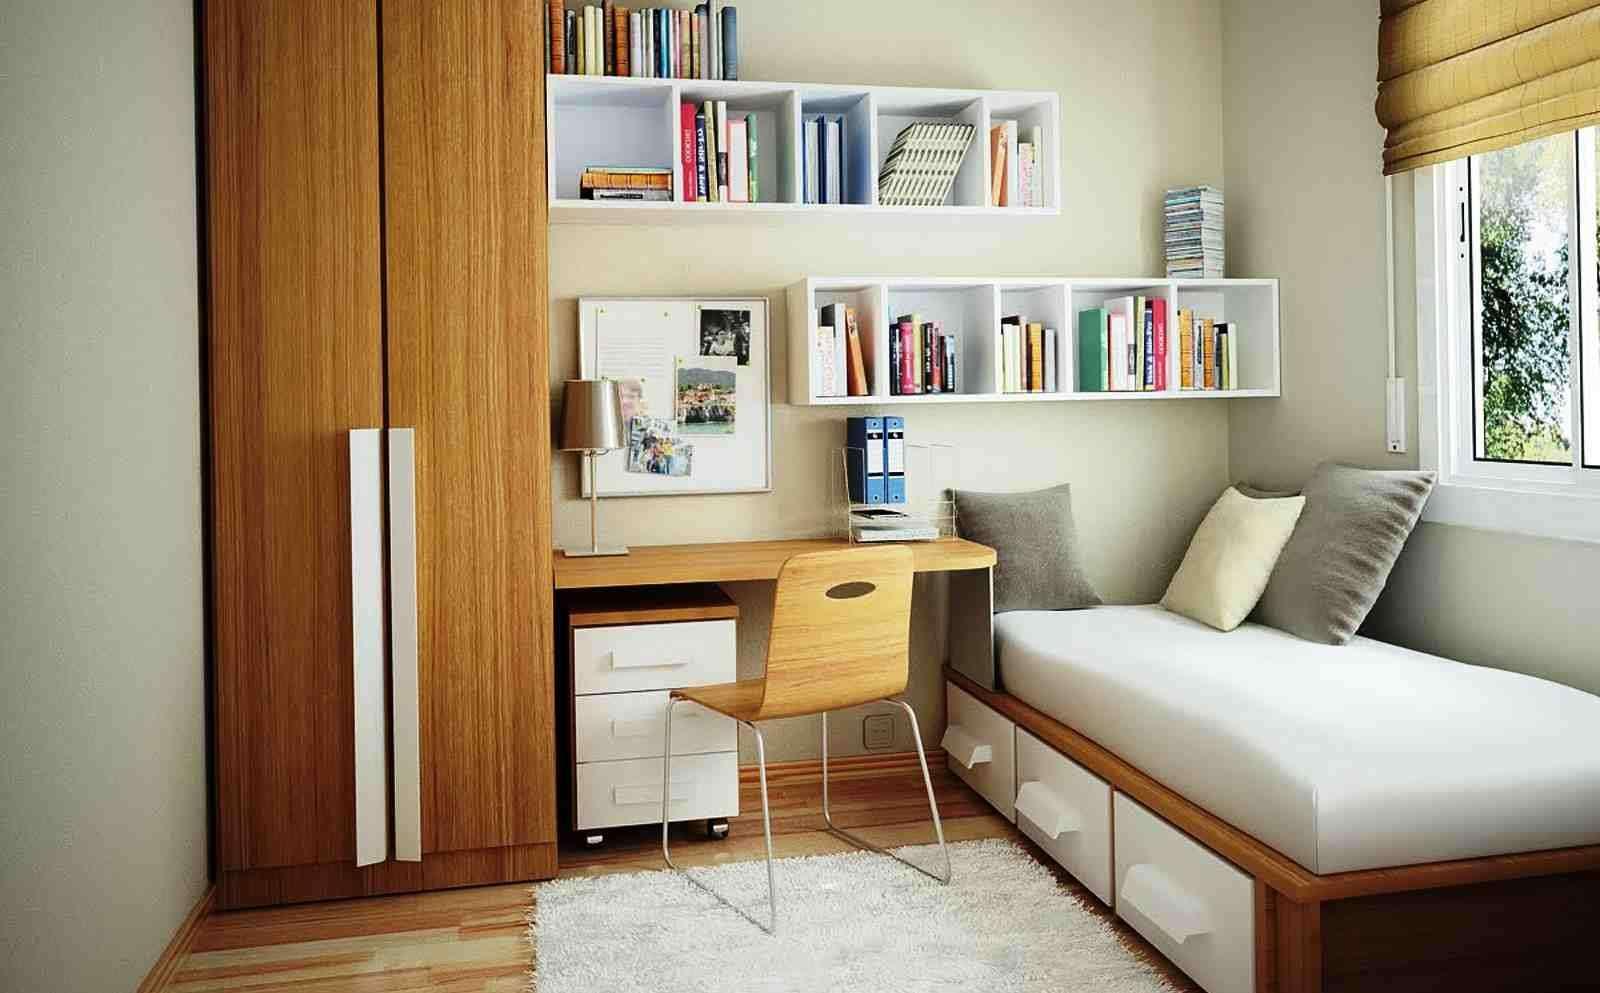 Интерьер маленькой спальни 10 кв м реальные фото дизайна